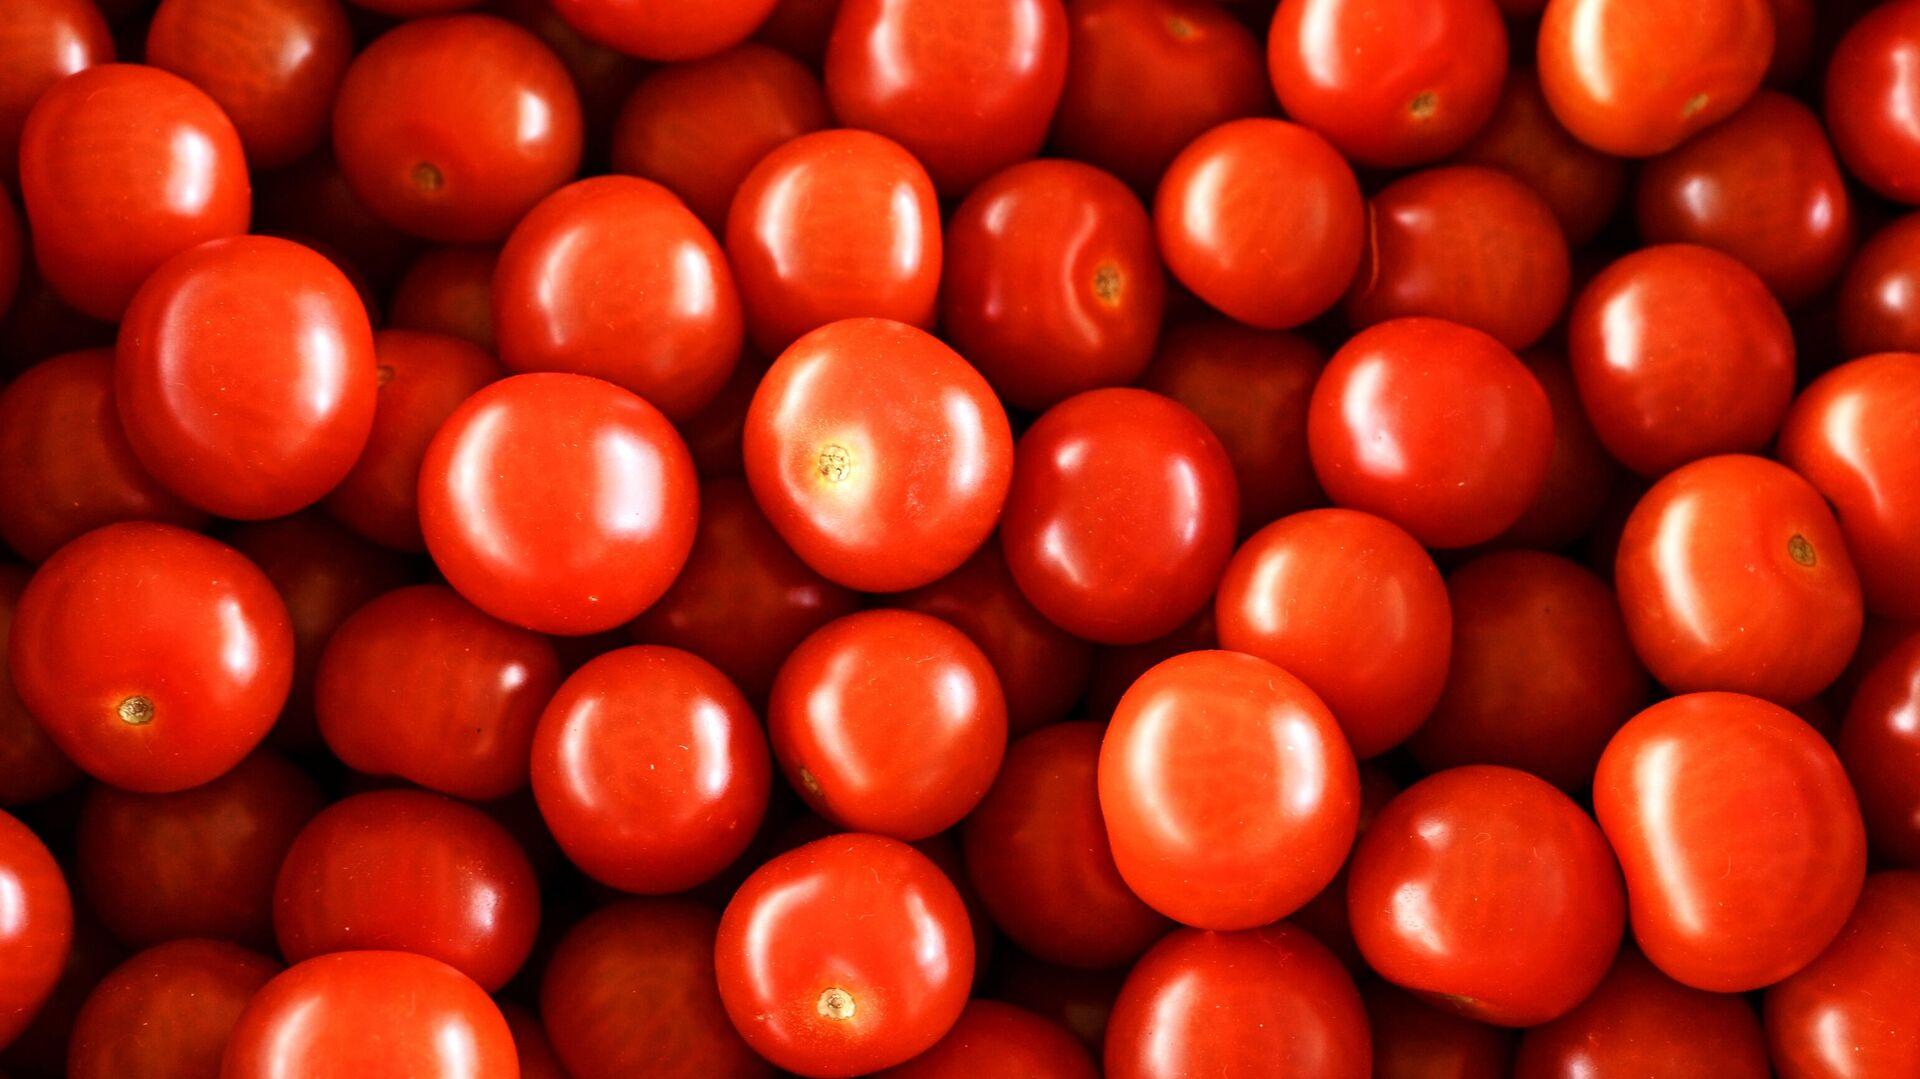 Урожай томатов - РИА Новости, 1920, 30.04.2020